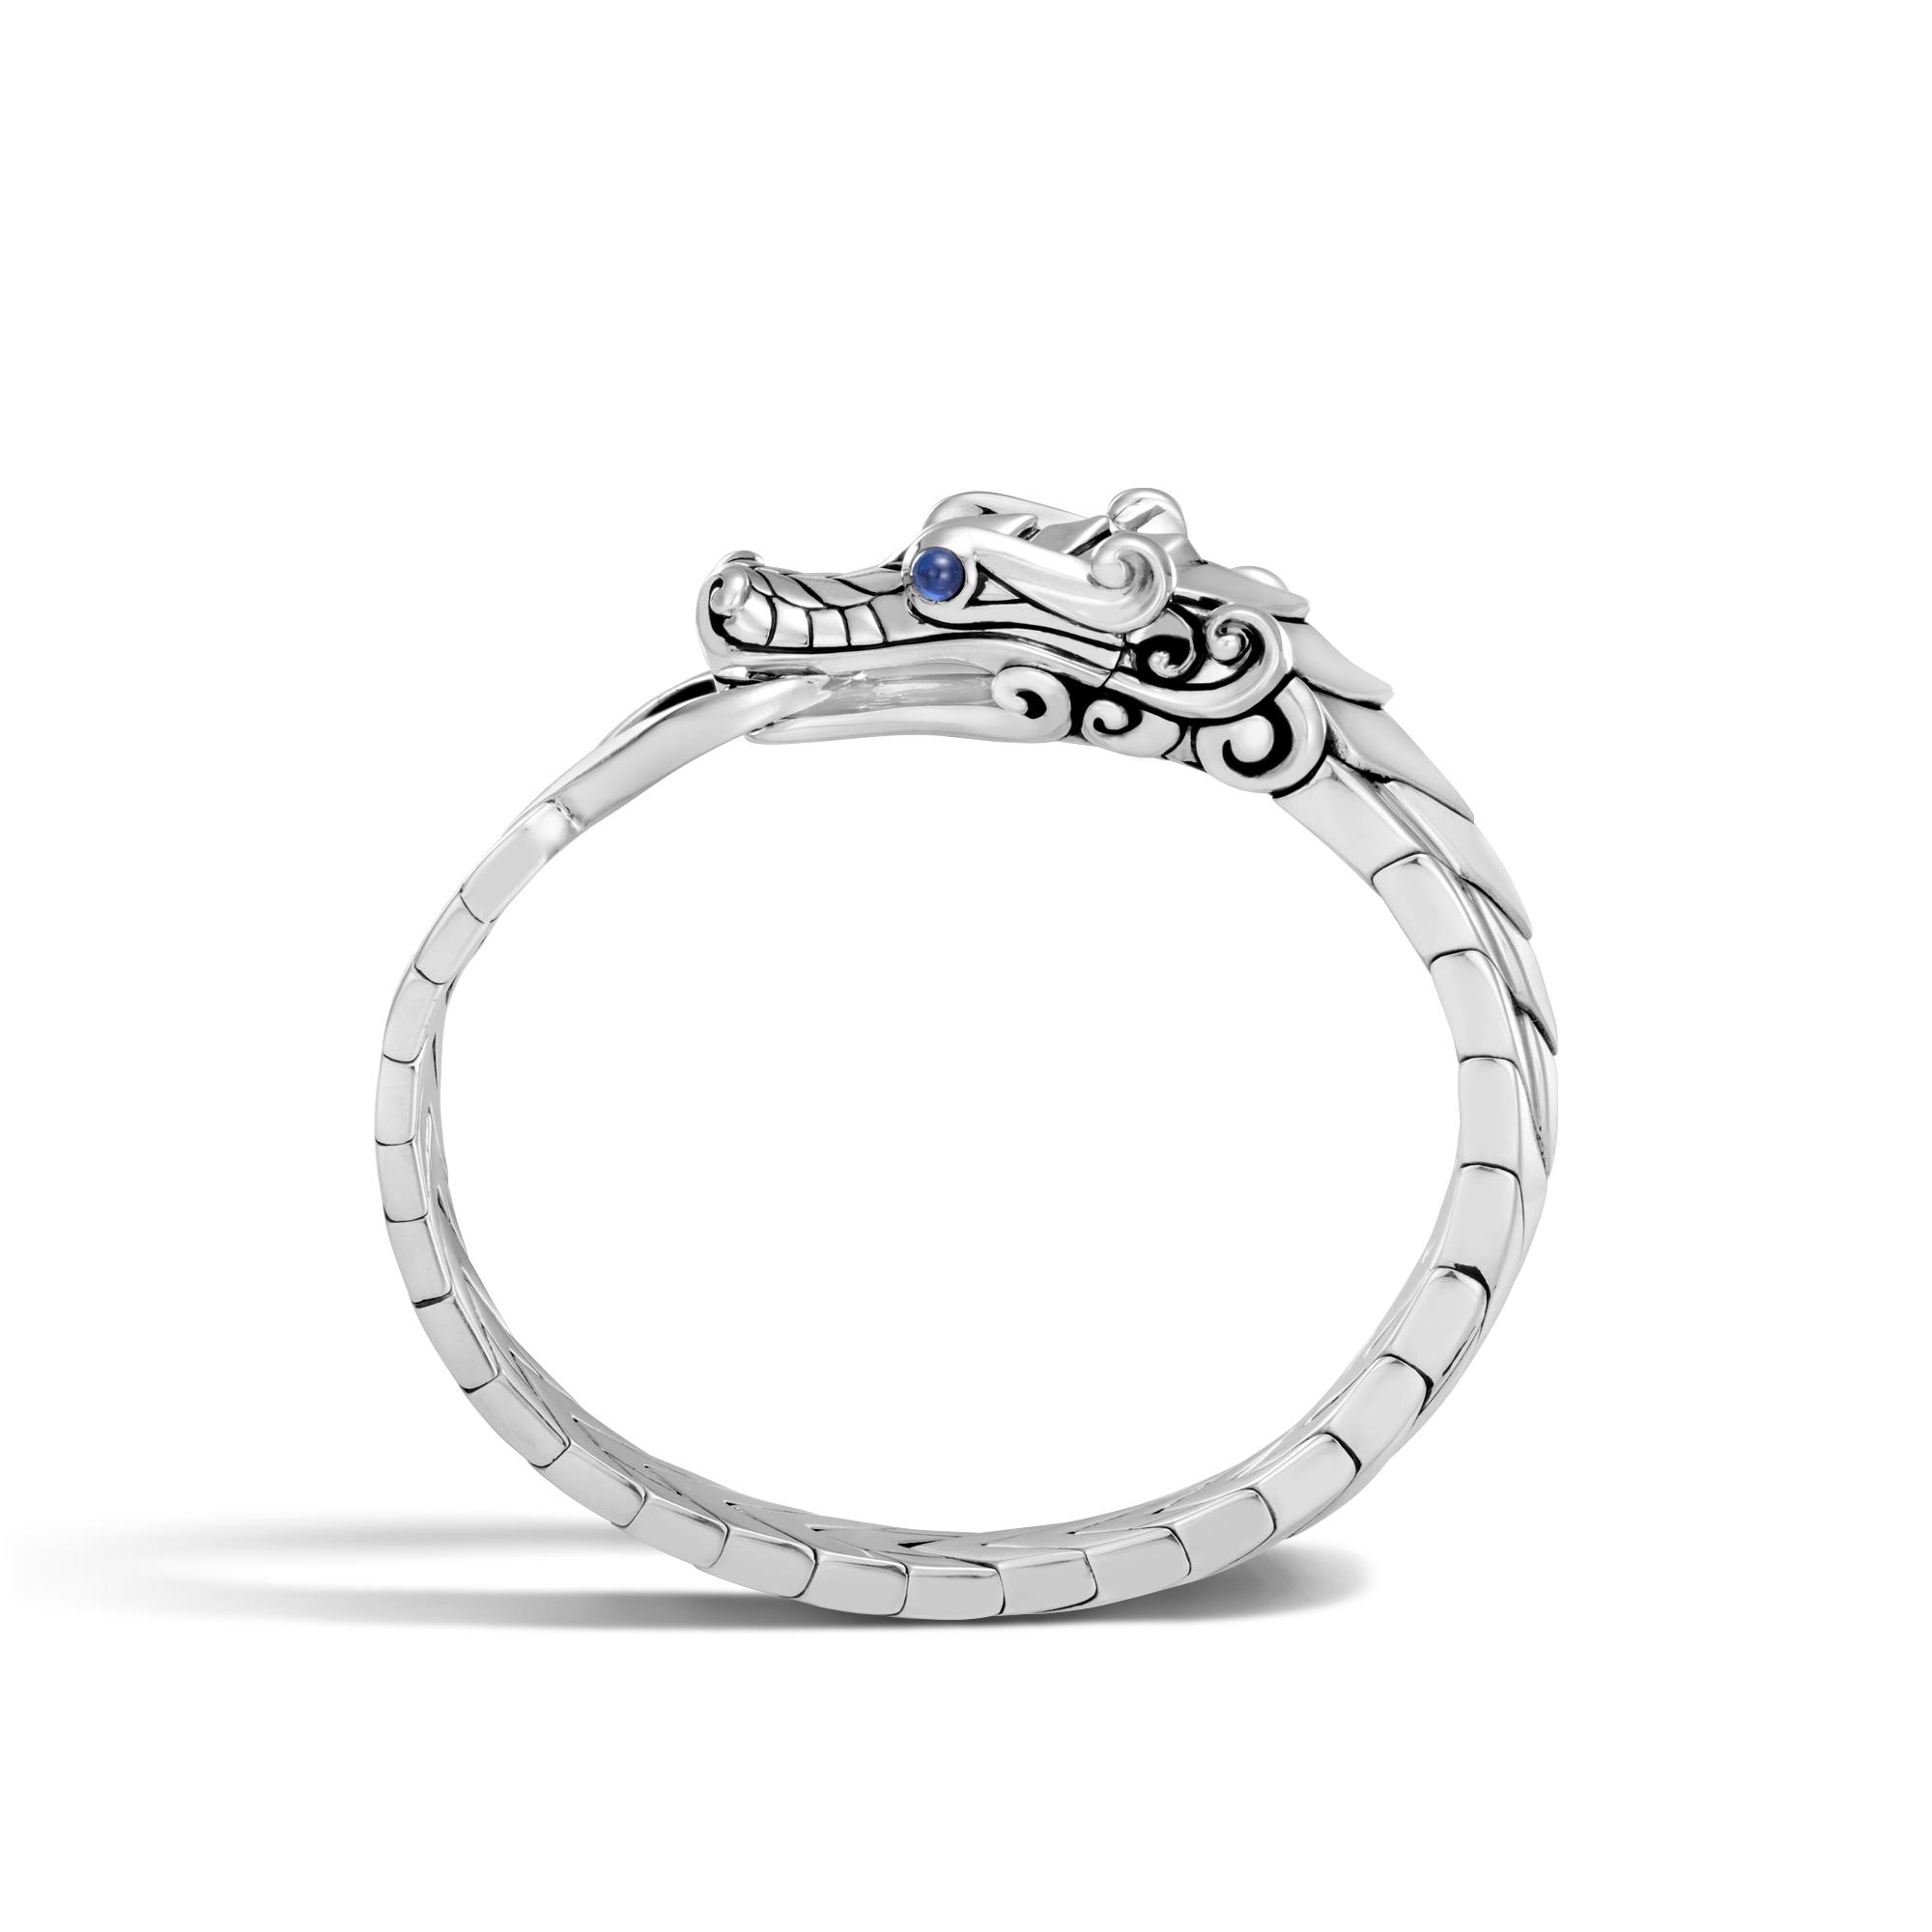 Legends Naga Bracelet in Silver, Blue Sapphire, large